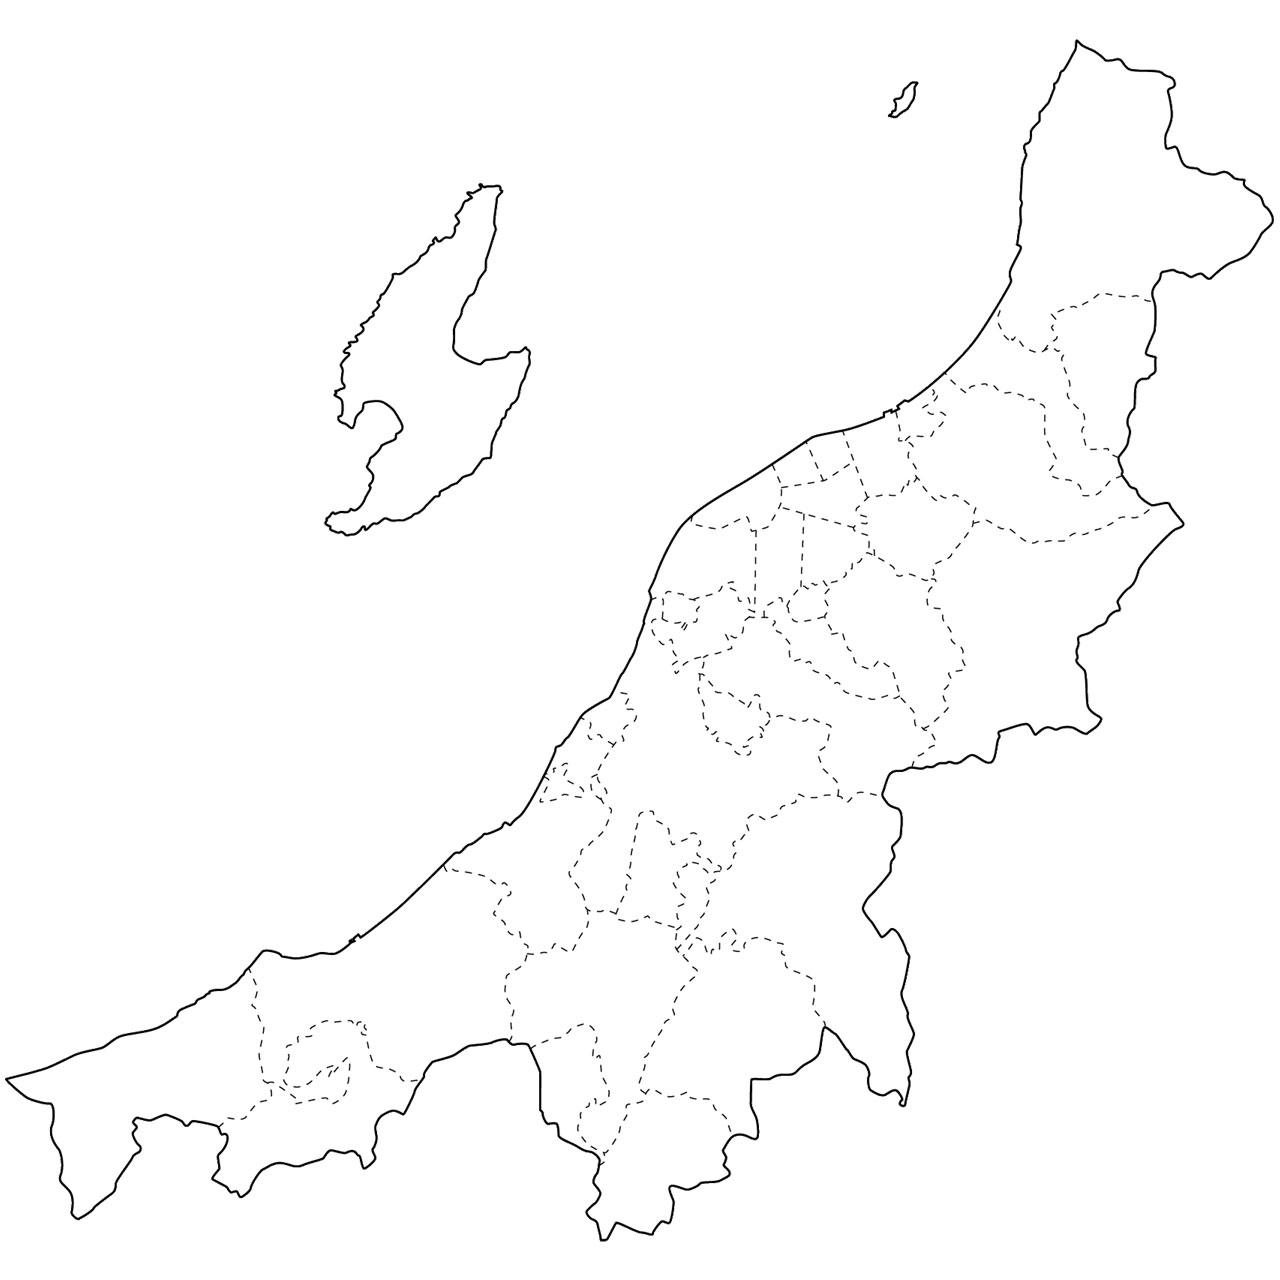 ... 県庁所在地は新潟市(政令 : 県庁所在地 : すべての講義